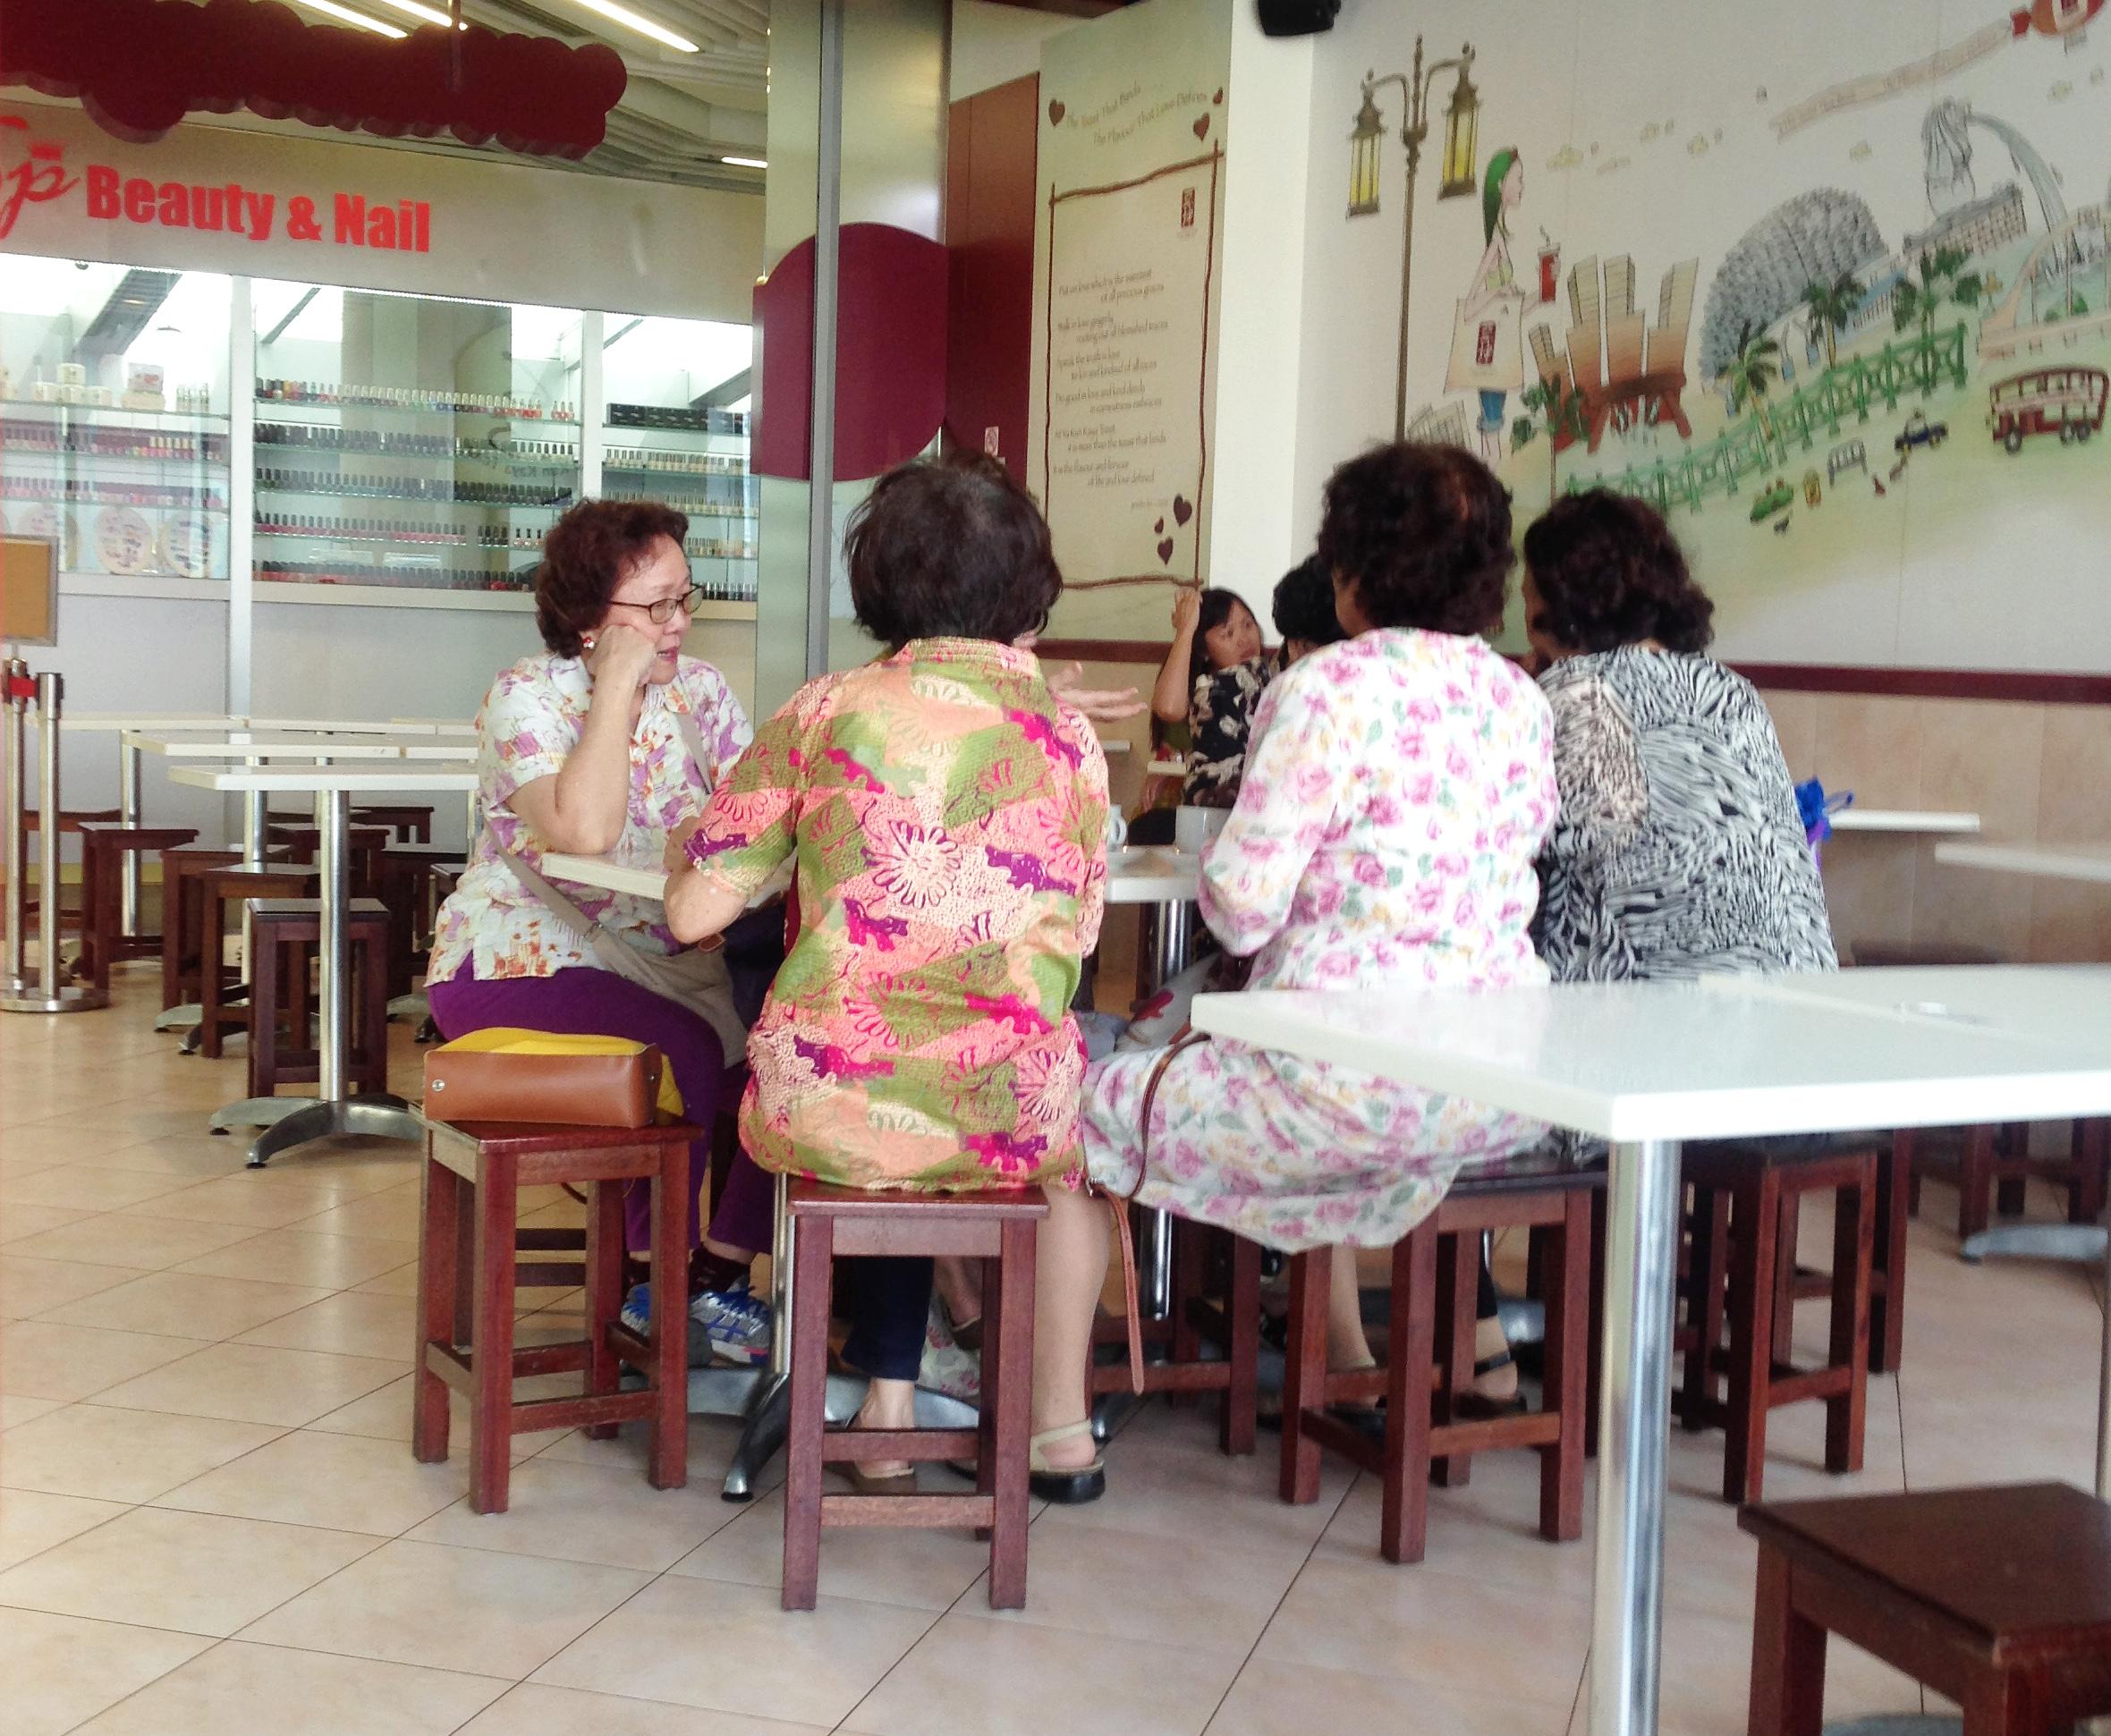 シンガポールでは「coffeeshop talk」という言葉もあるくらい、仲間同士でコーヒーショップに集まることが多い